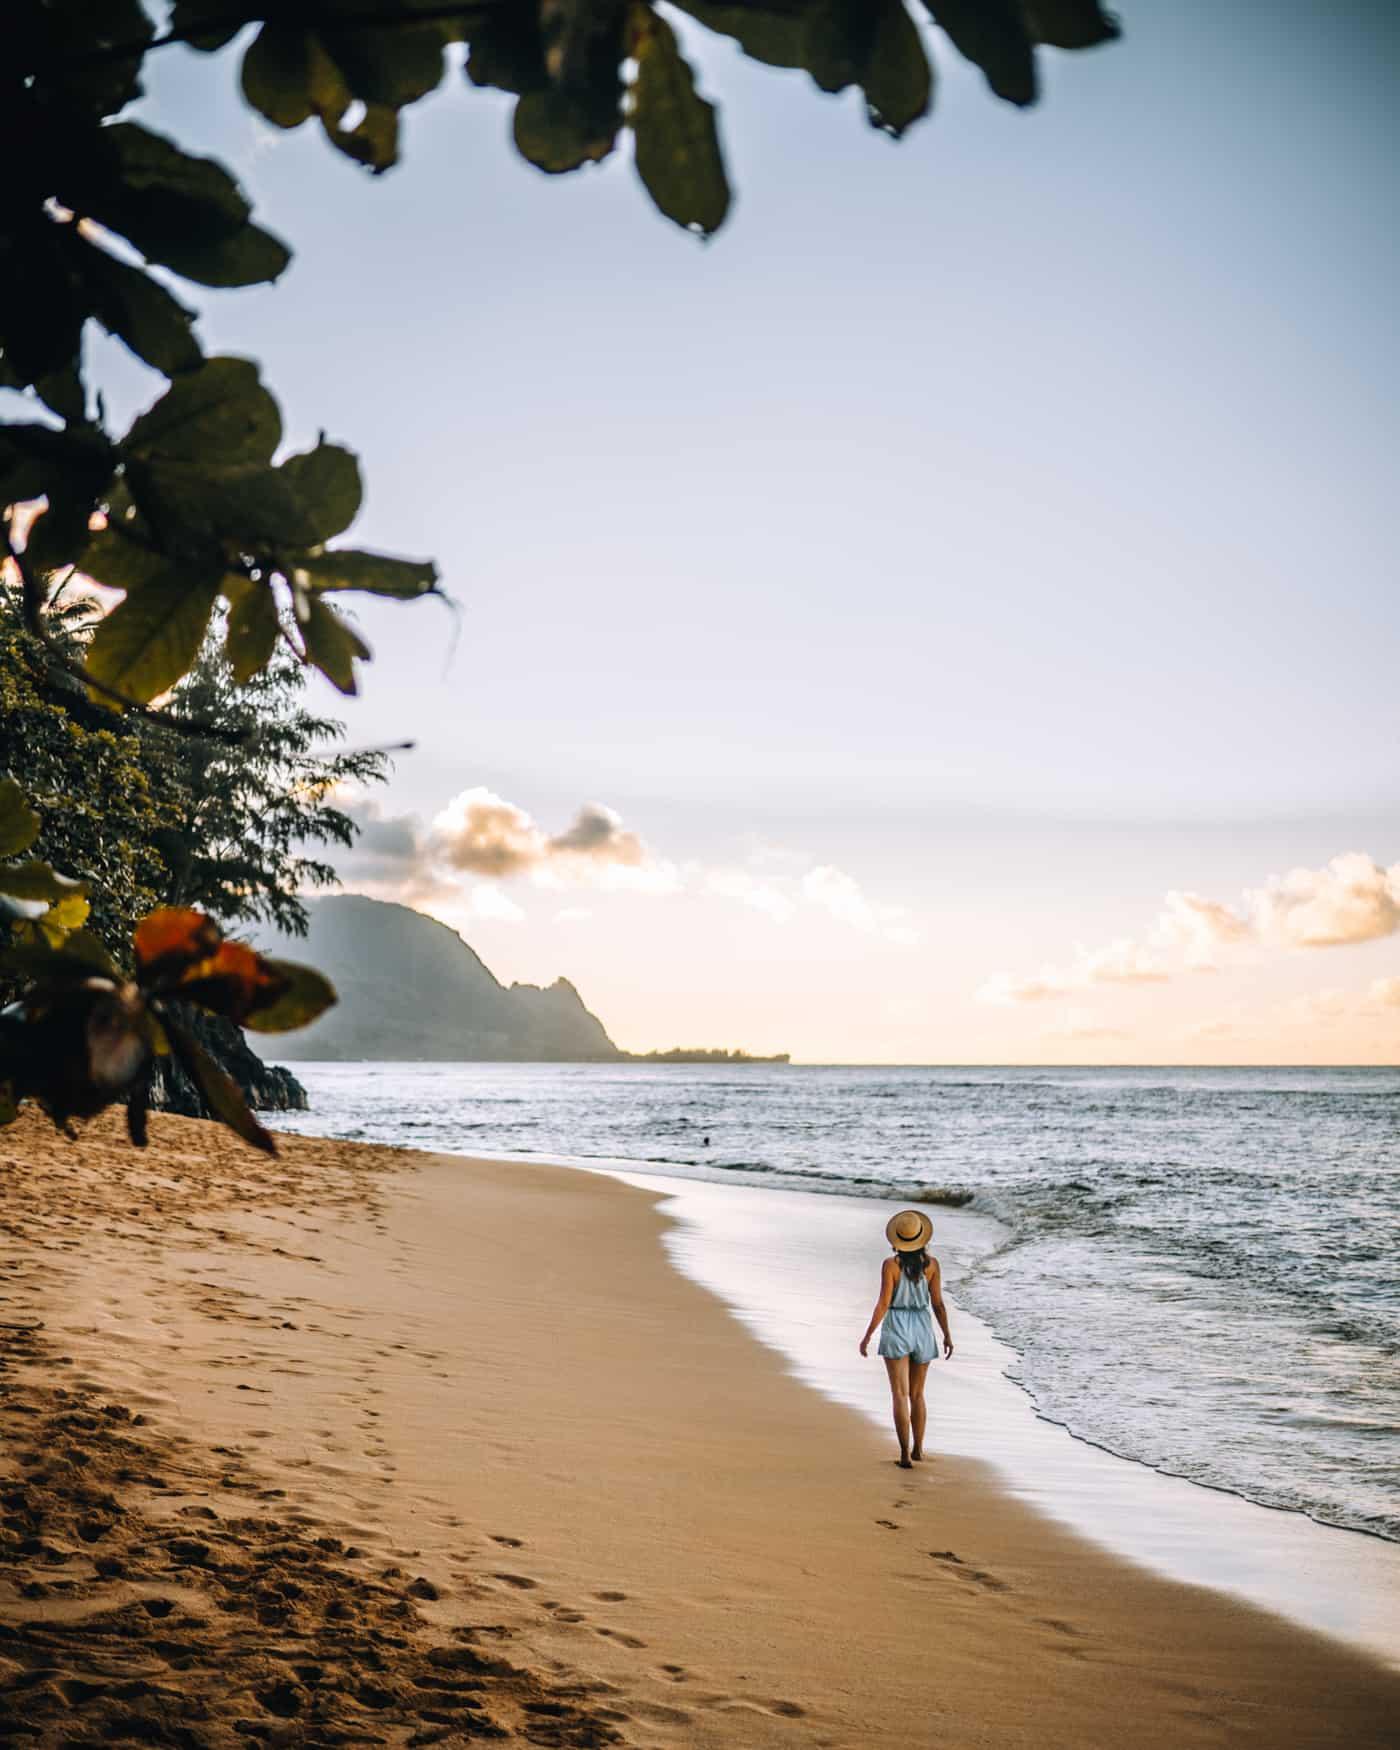 Kauai - Strände, Wandern & Ausflugsziele: Die Garteninsel von HawaiiKauai - Strände, Wandern & Ausflugsziele: Sonnenuntergang am Hideaway Beach in Priceville